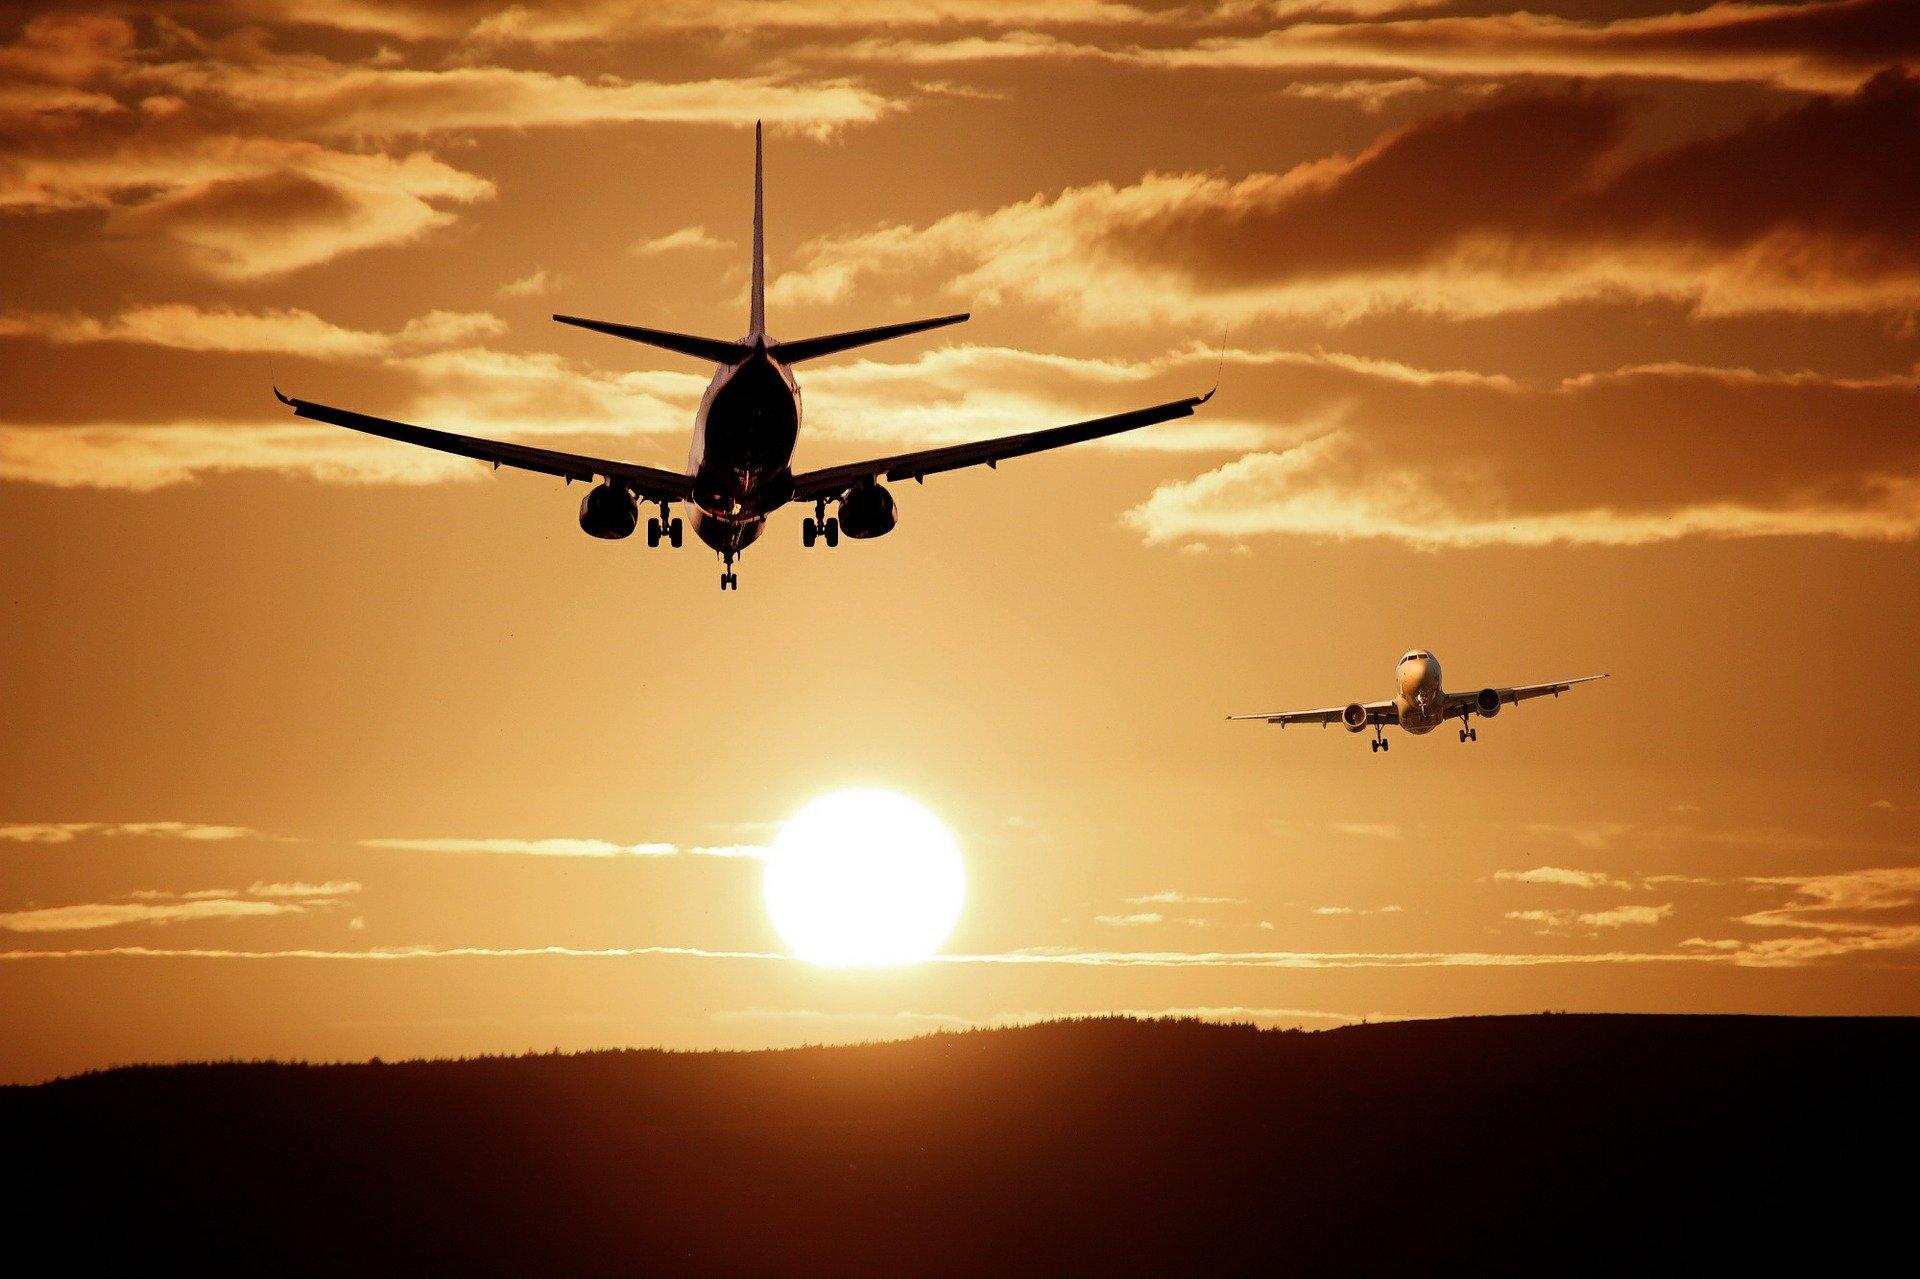 O nouă rută va fi disponibilă de pe Aeroportul Internațional din Craiova